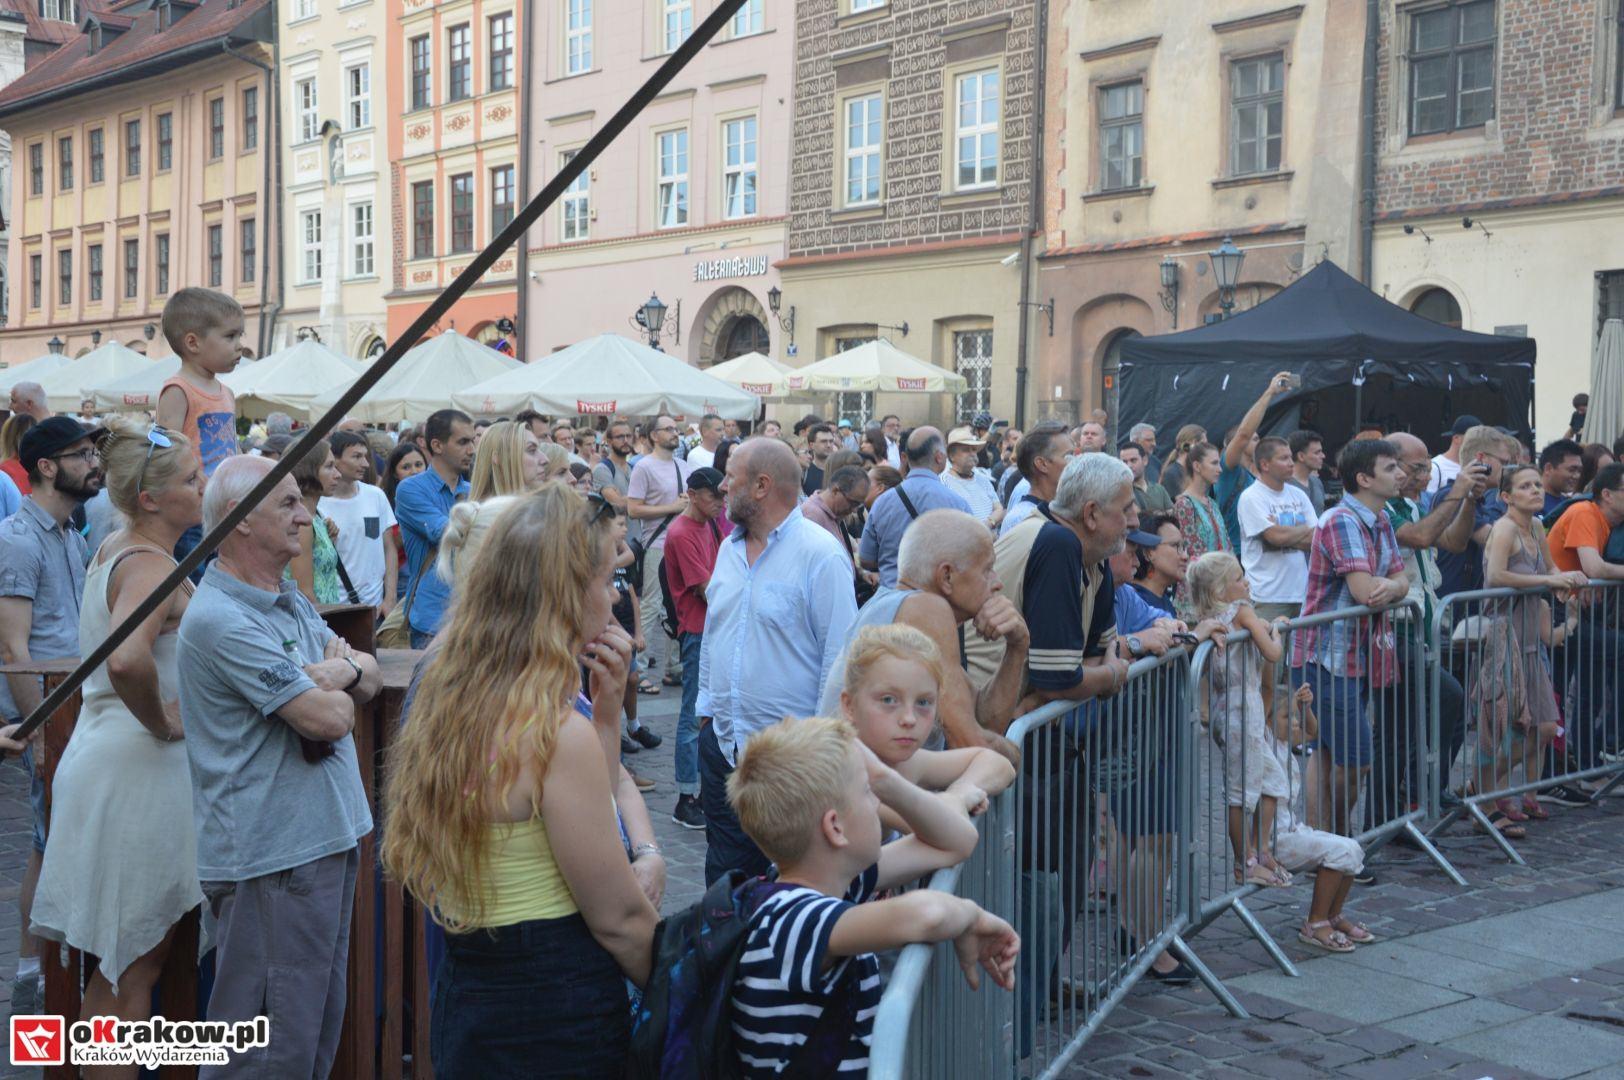 krakow festiwal pierogow maly rynek koncert cheap tobacco 150 150x150 - Galeria zdjęć Festiwal Pierogów Kraków 2018 + zdjęcia z koncertu Cheap Tobacco